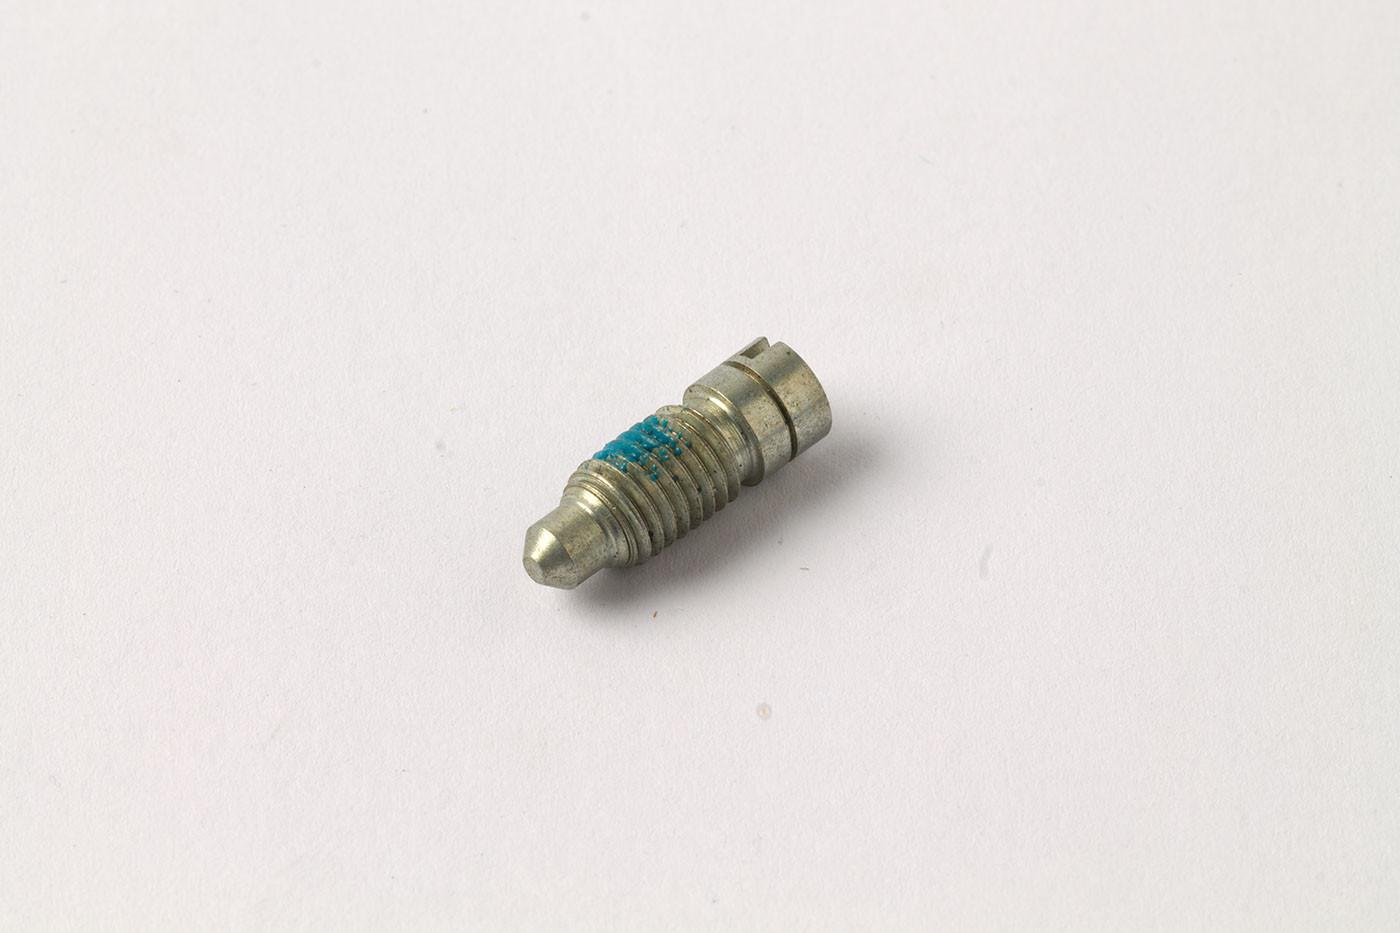 Locating screw